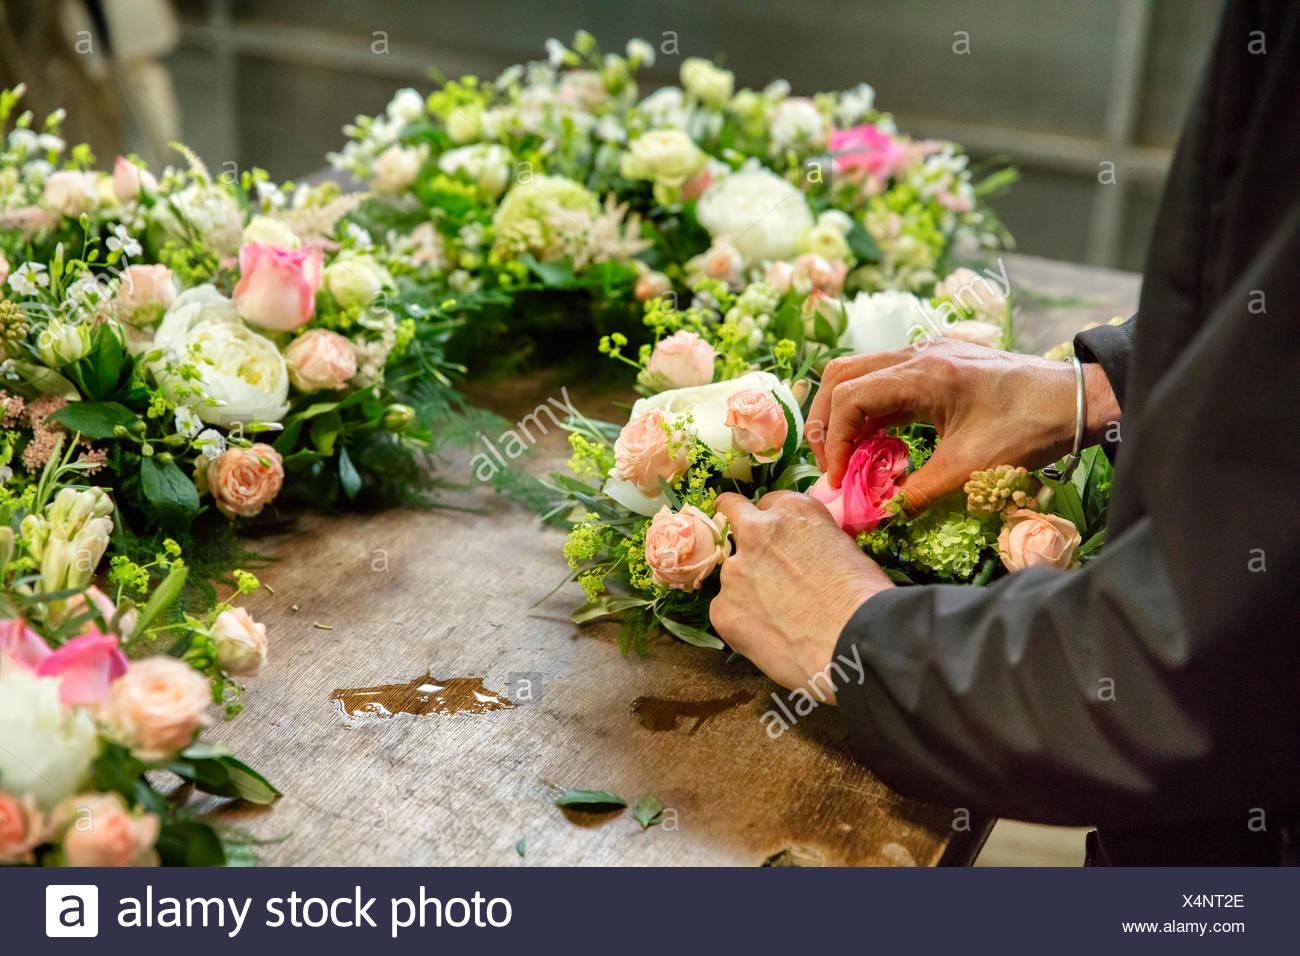 L'arrangement floral commercial. Un fleuriste, une femme travaillant sur une décoration florale à un établi. Photo Stock